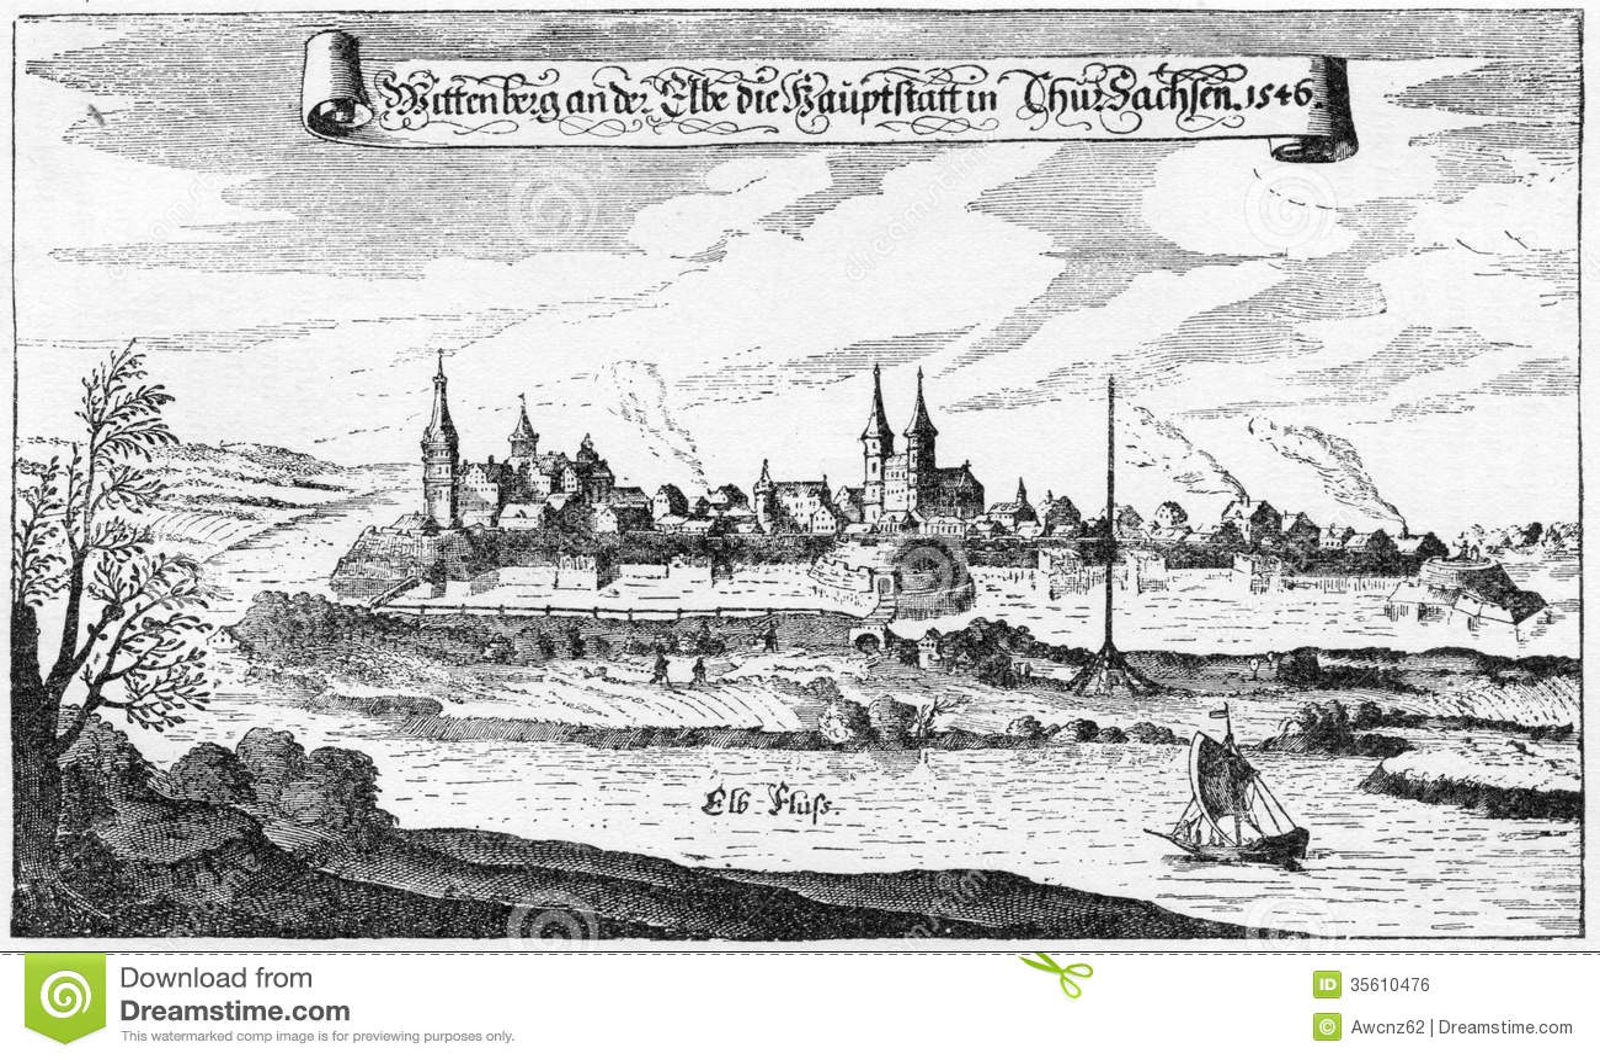 威顿堡1546